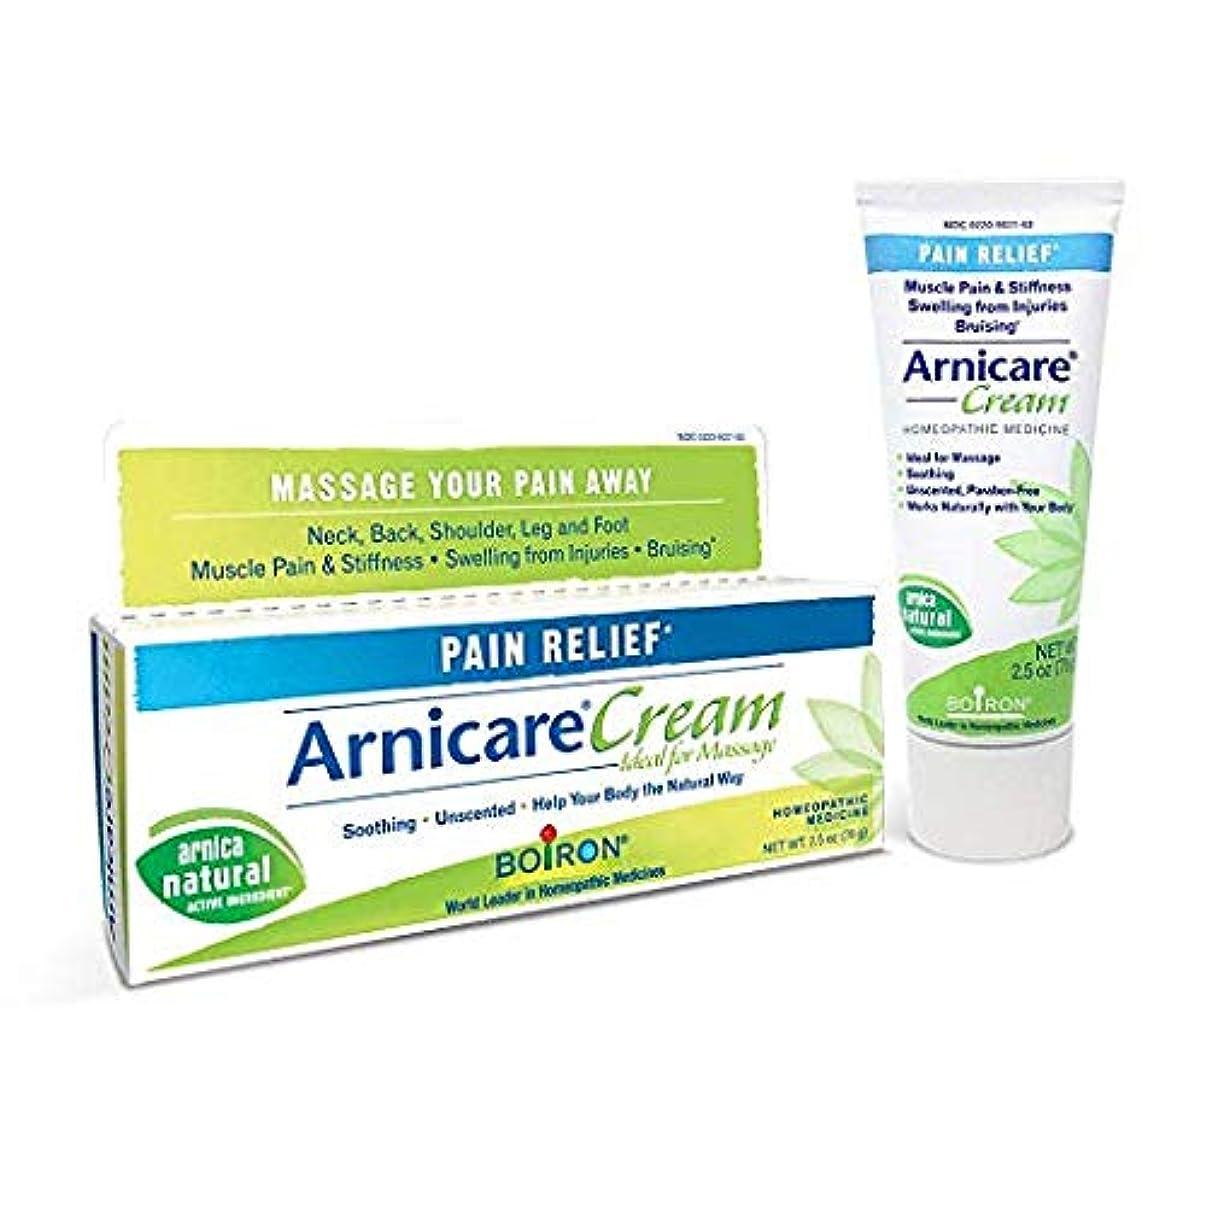 栄養ぼかしおびえたボイロン アルニカクリーム Boiron Arnicare Cream 2.5 Ounces Topical Pain Relief Cream [並行輸入品]